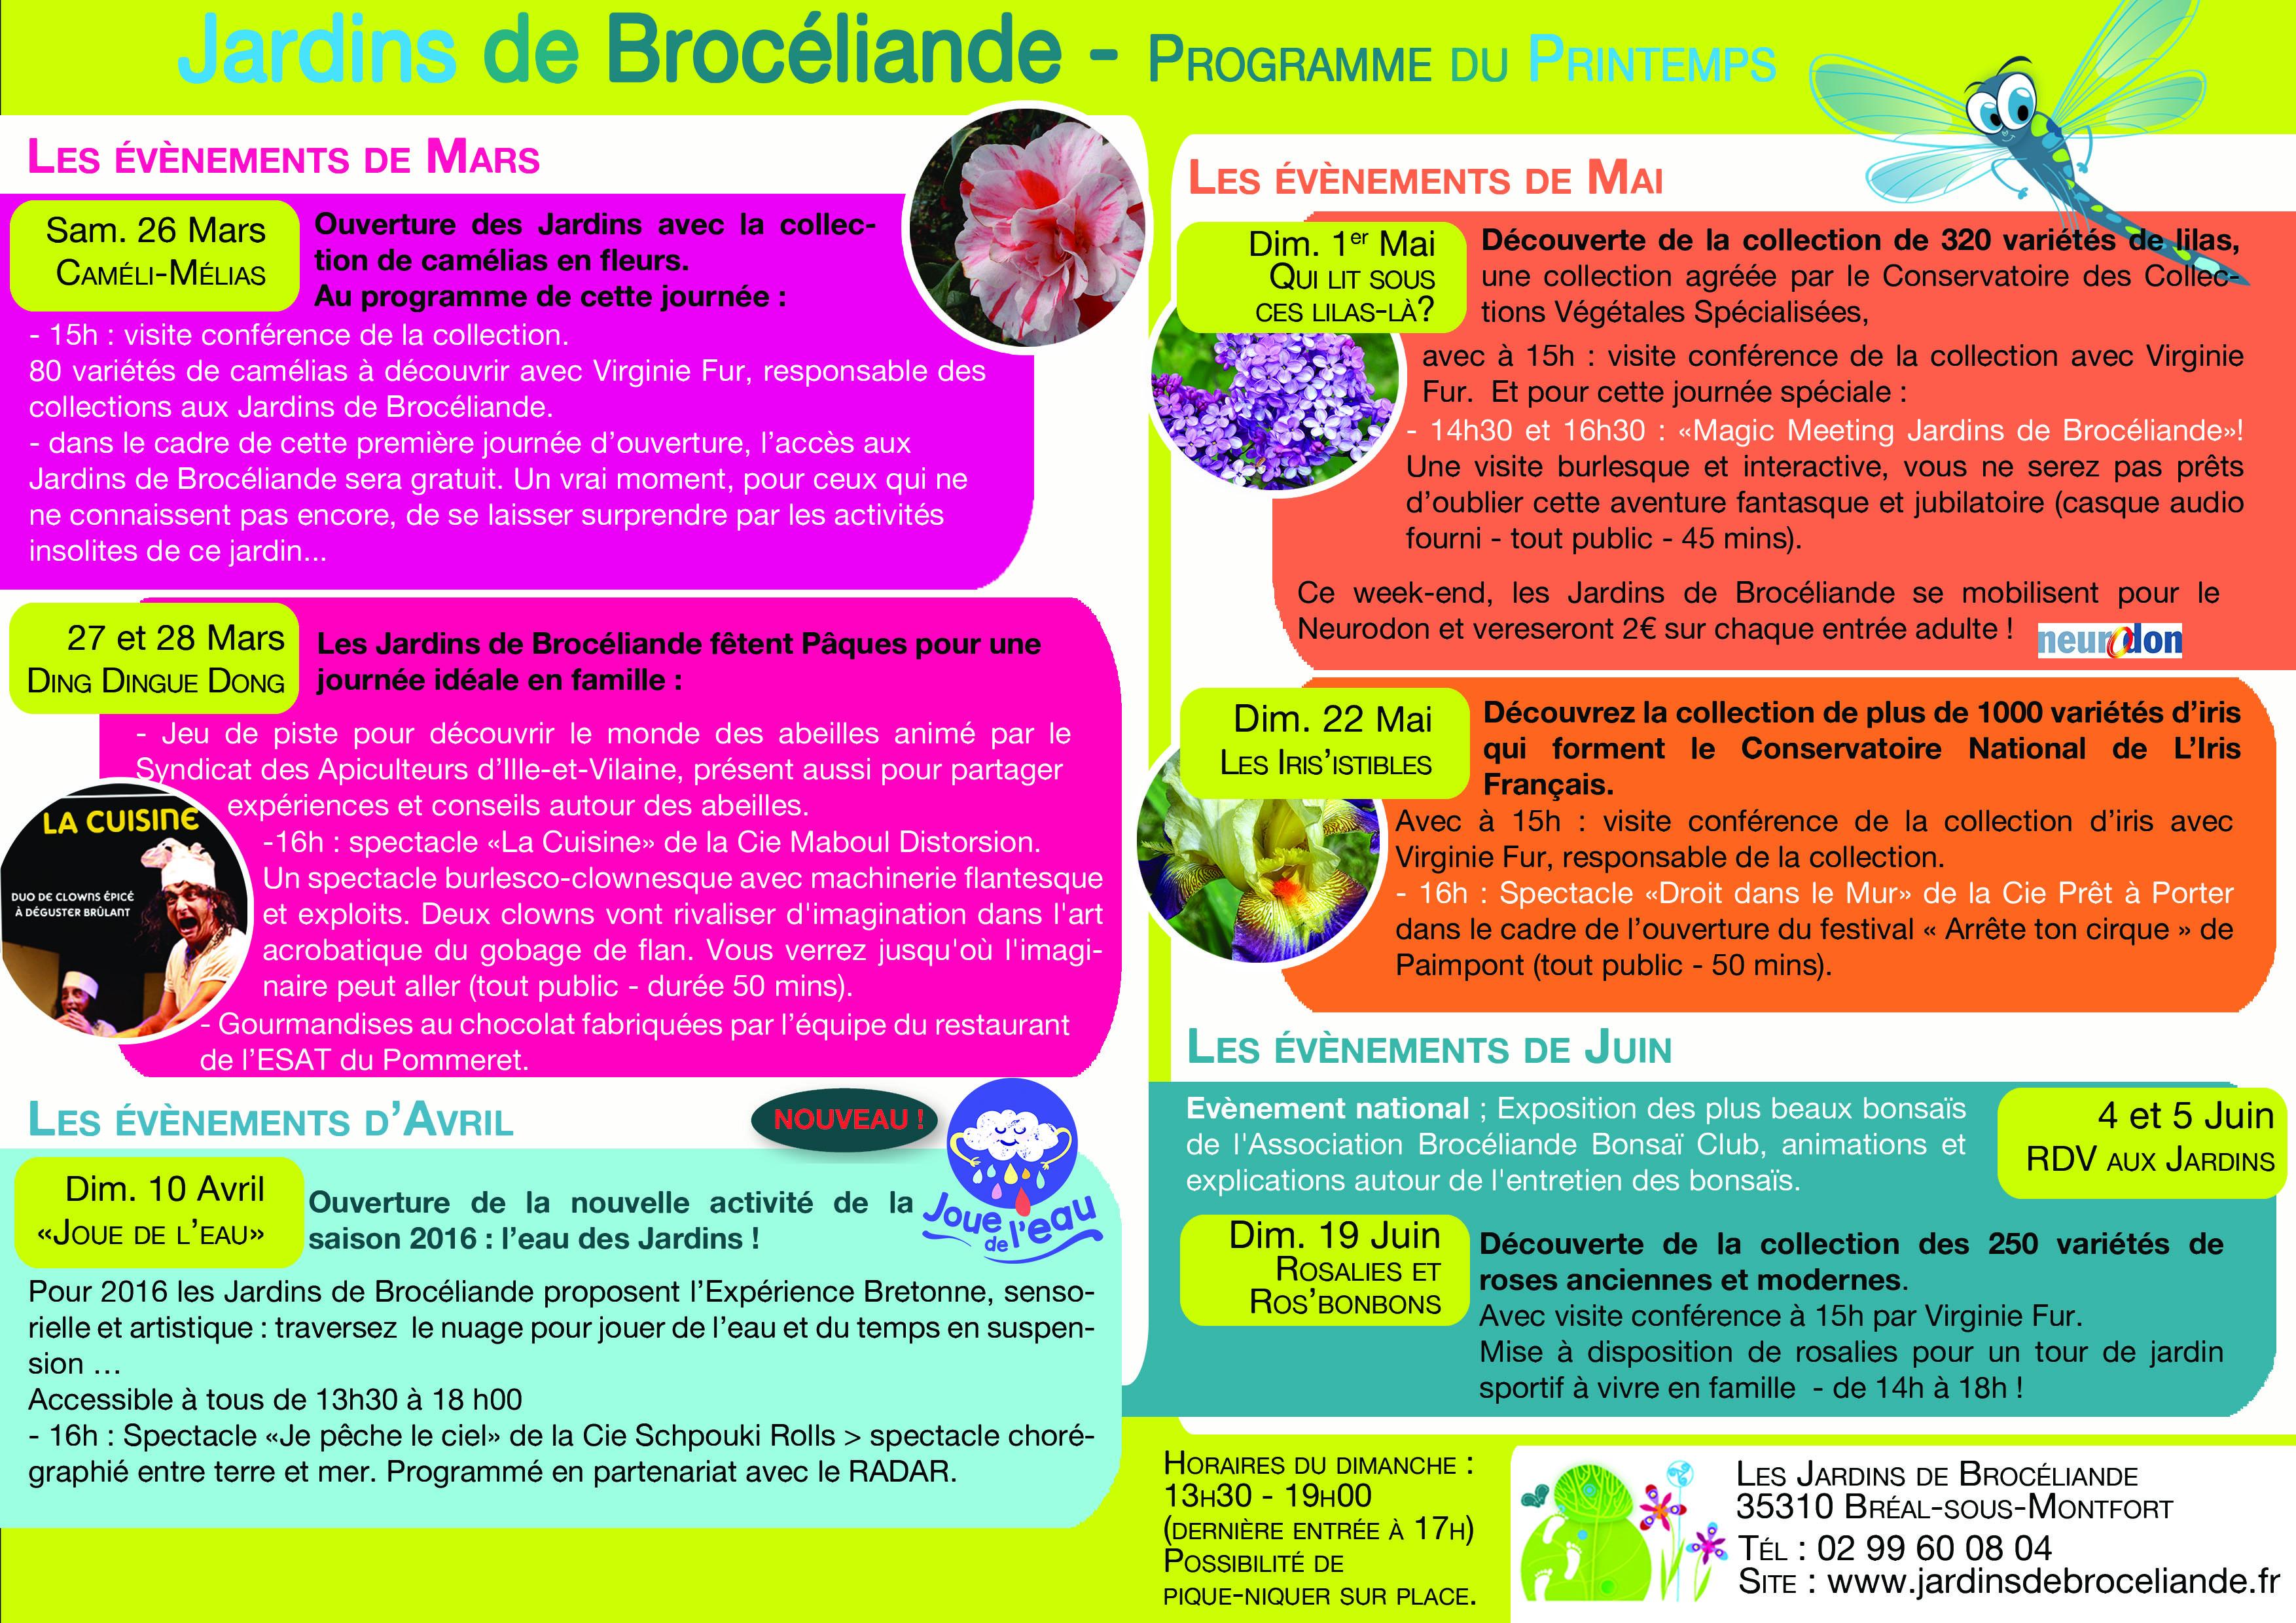 Ouverture des Jardins de Brocéliande Association Les Mordus de